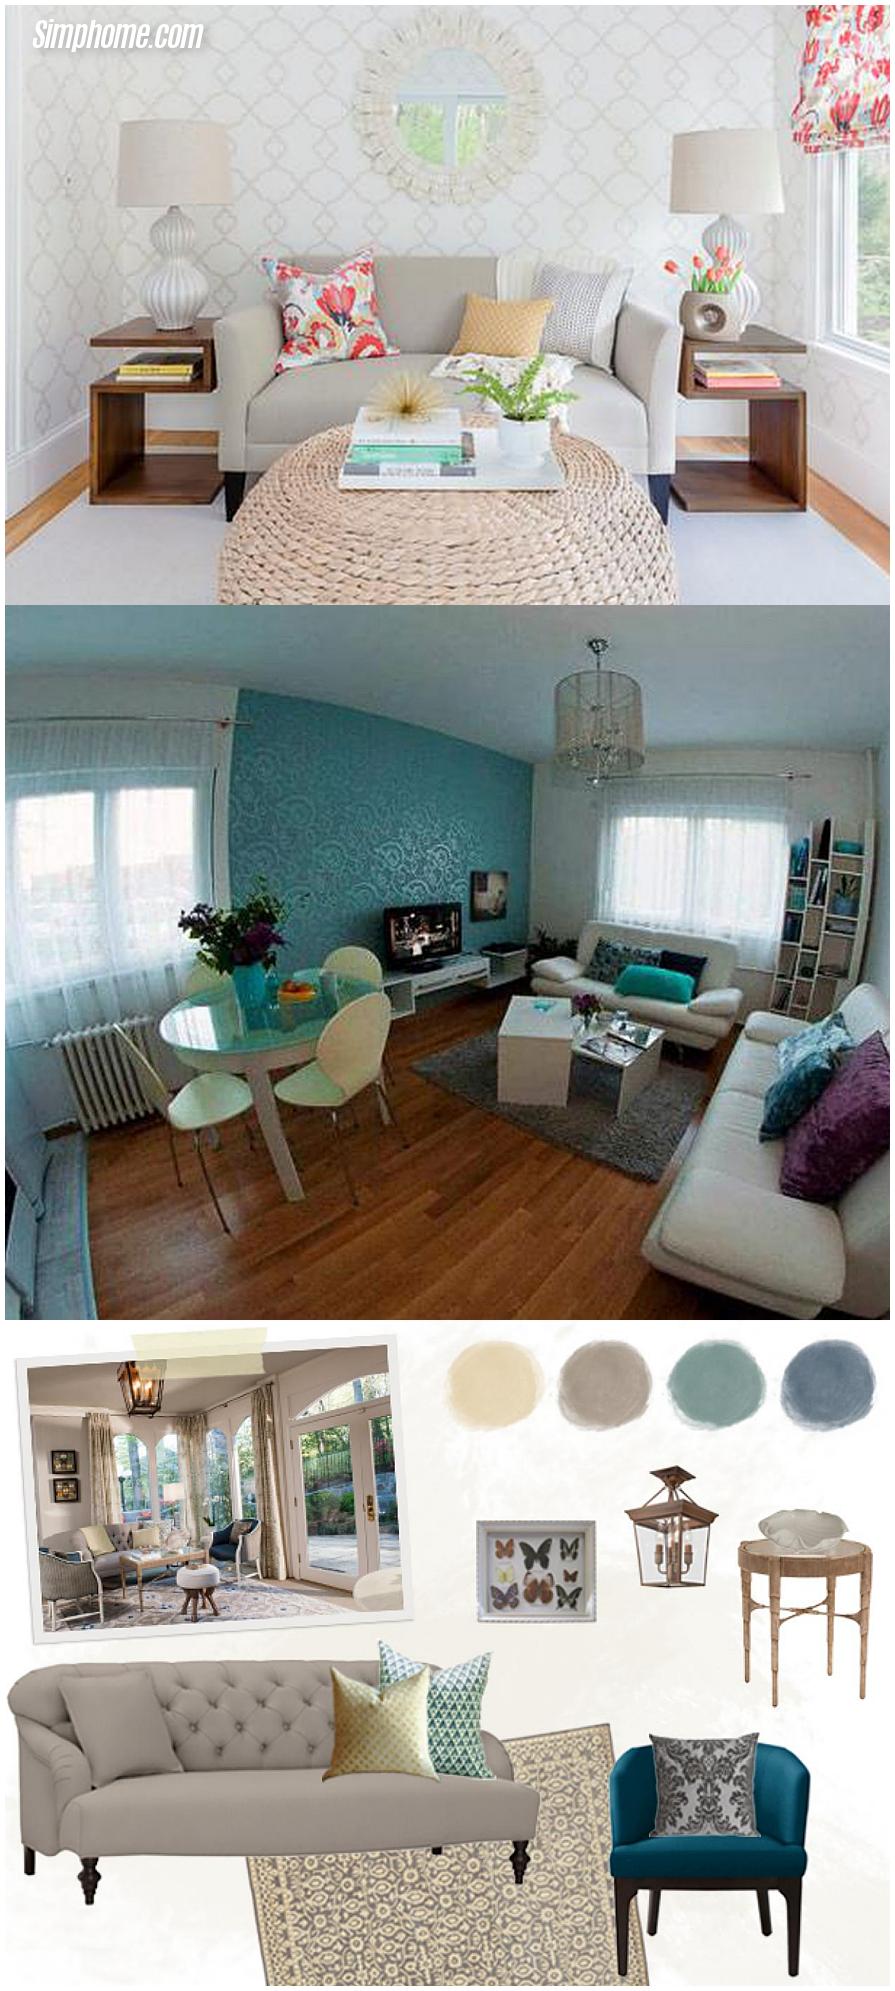 Small room design living room arrangements ideas and design via Simphome.com